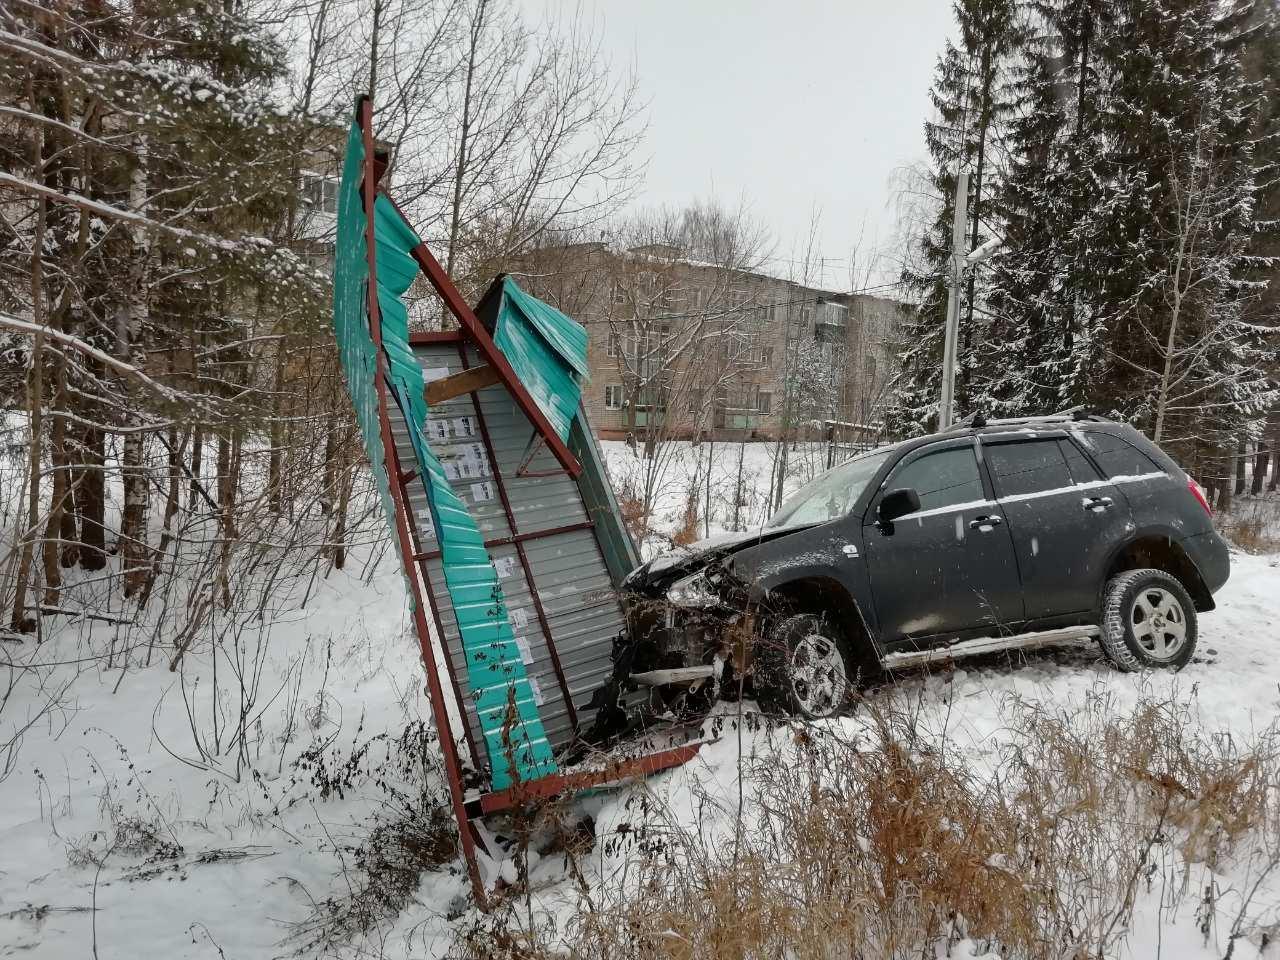 Пьяному водителю внедорожника, который снес остановку в Ключах, предстоит возместить ущерб